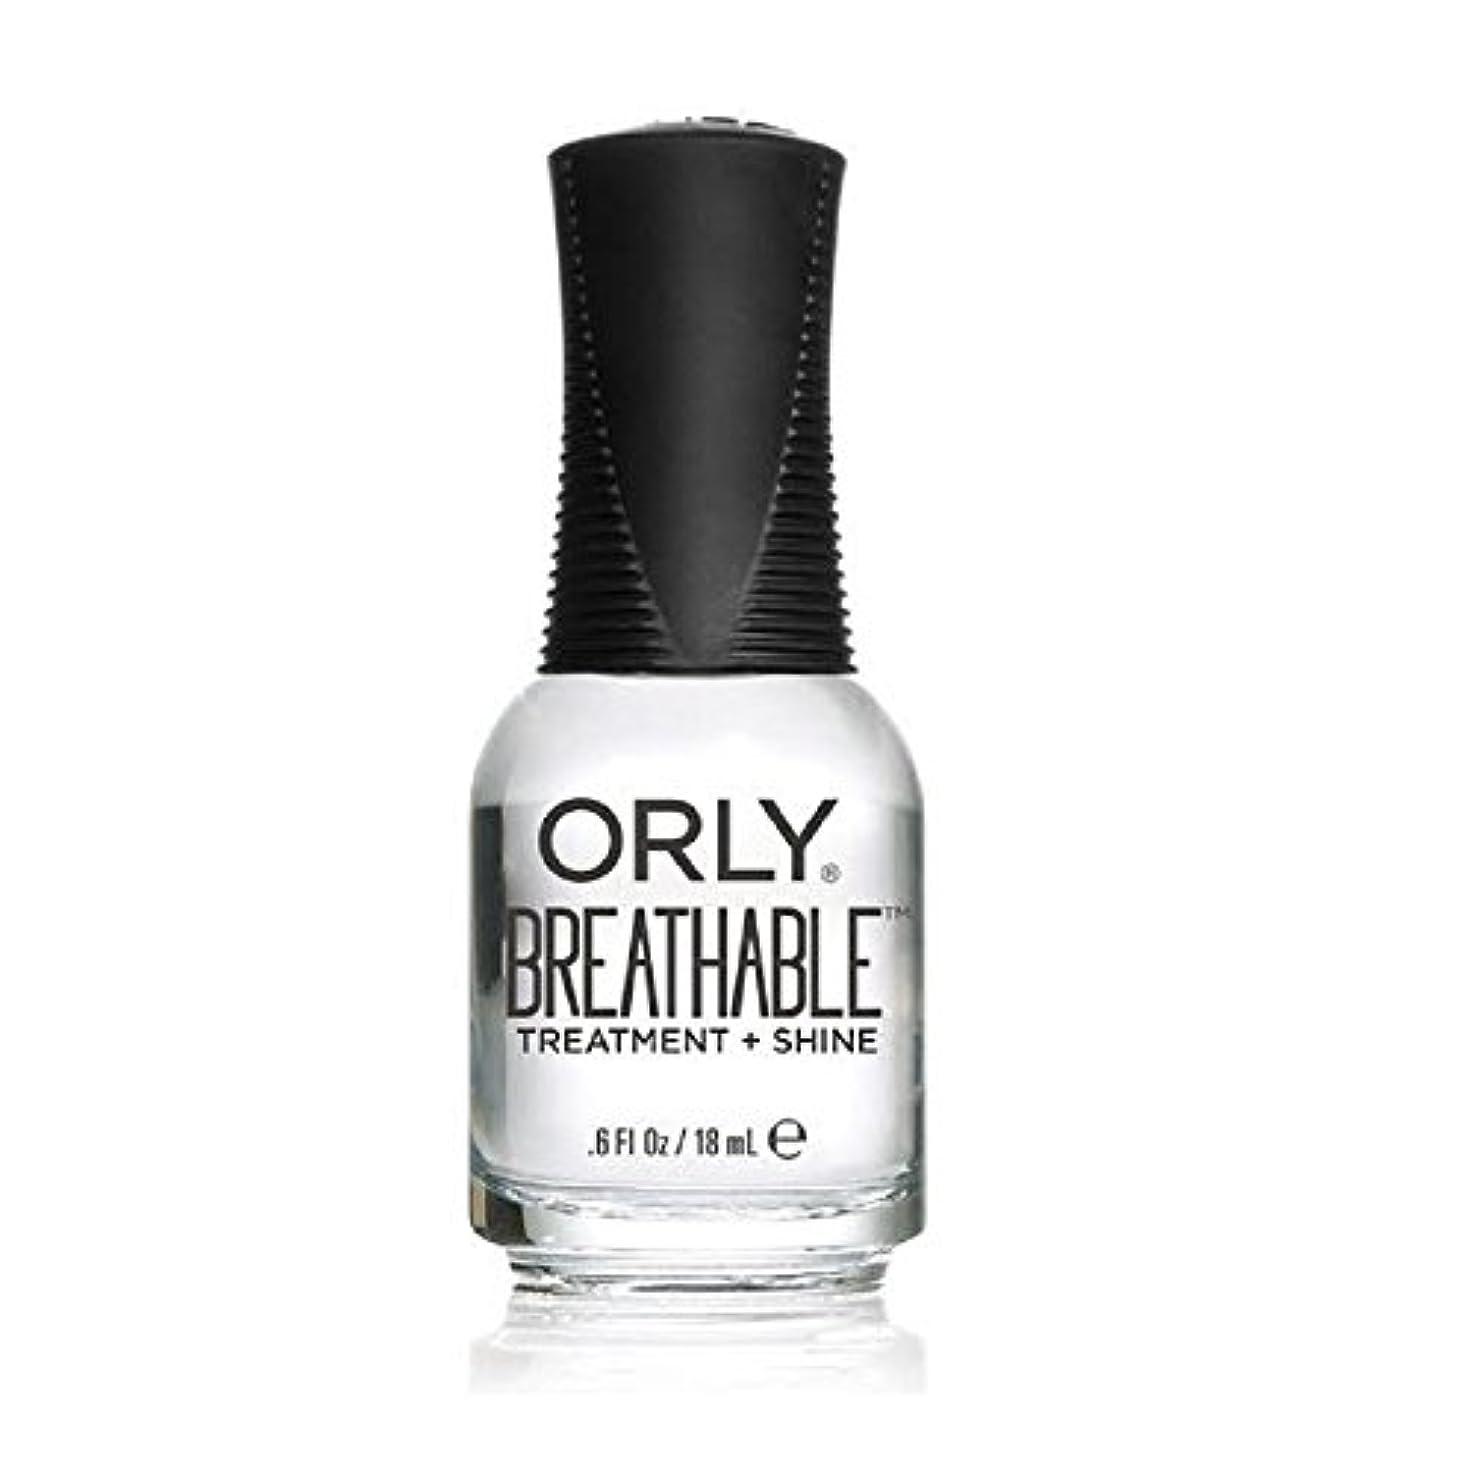 組液体リークOrly Breathable Treatment + Color Nail Lacquer - Treatment + Shine - 0.6oz/18ml